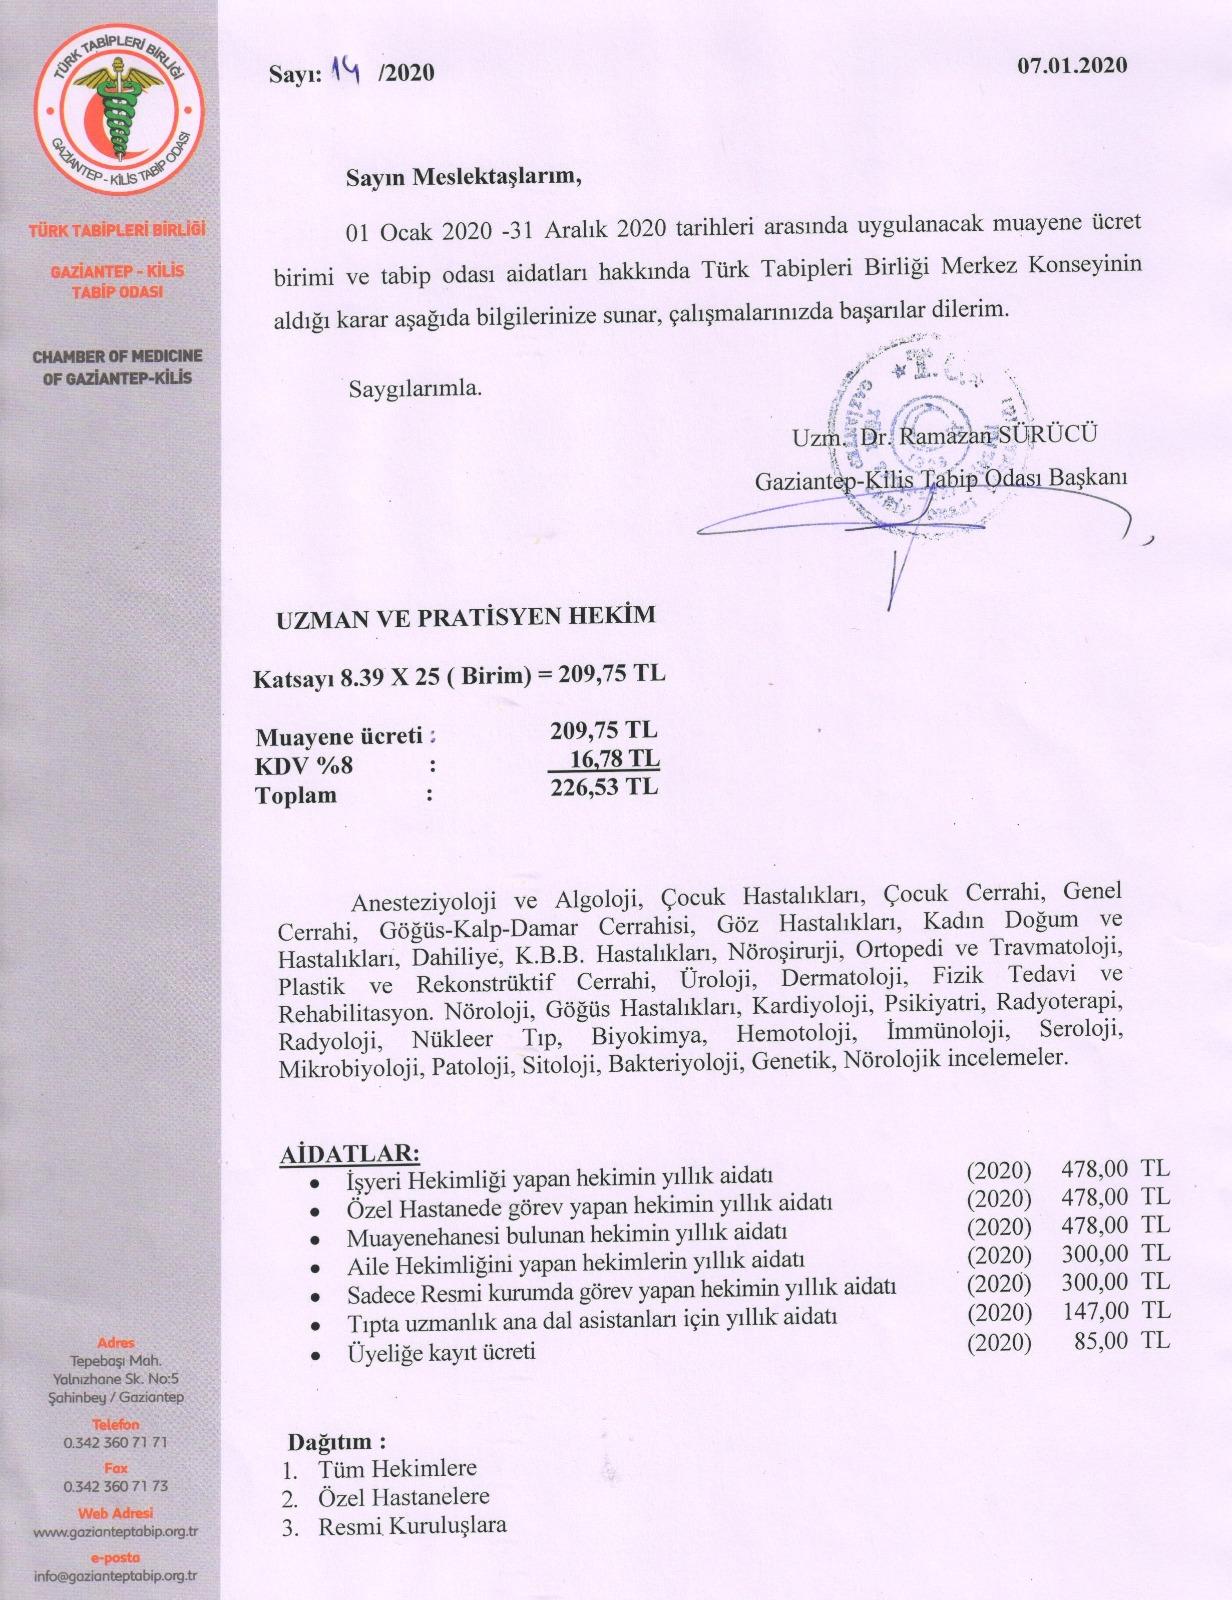 2019 Asgari Muayene Ücretleri